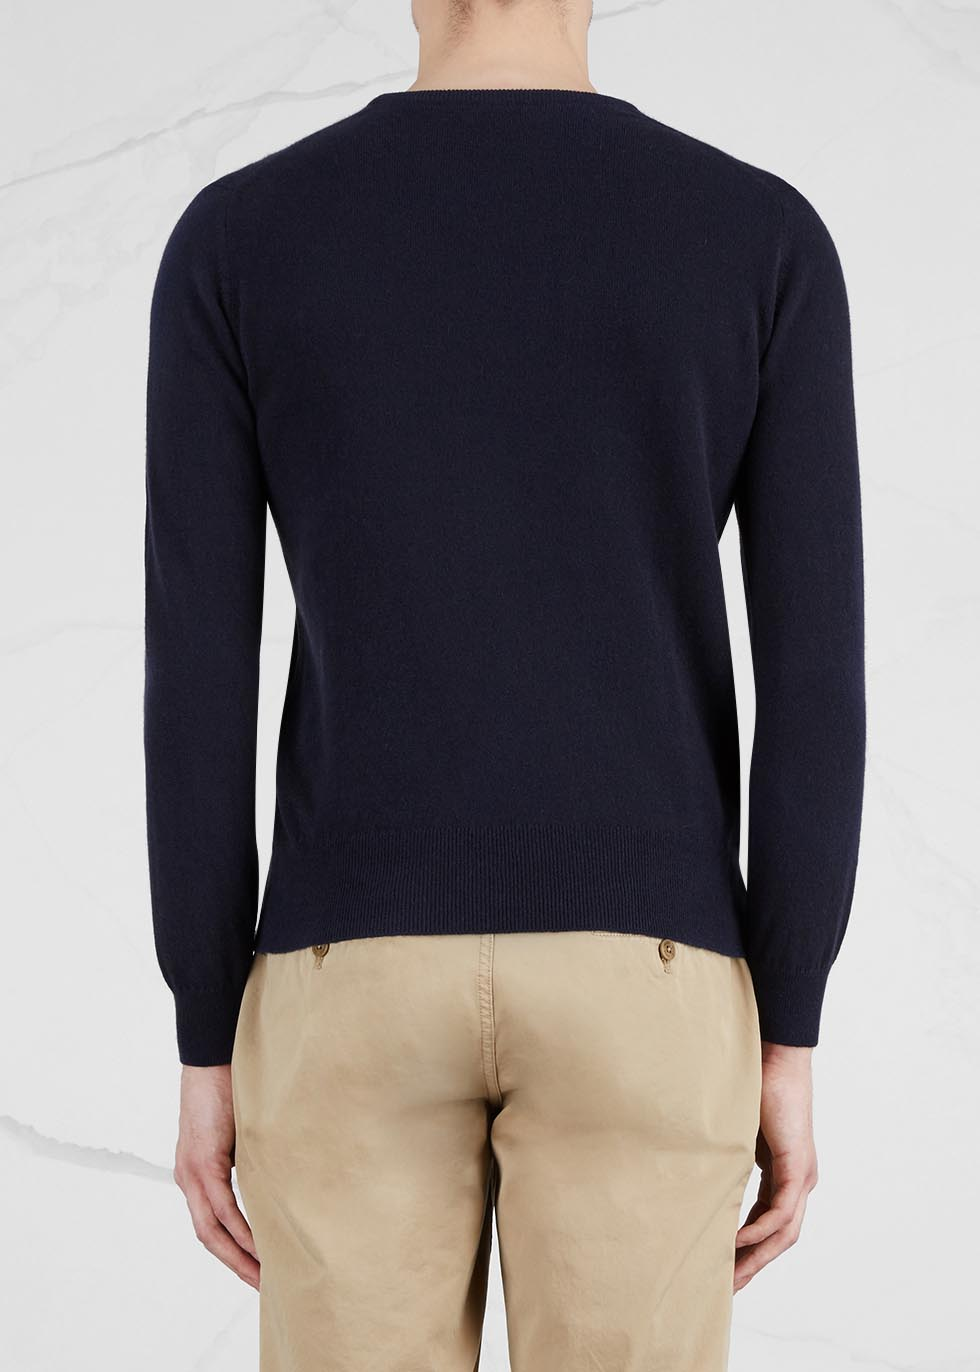 Navy cashmere jumper - Johnstons of Elgin